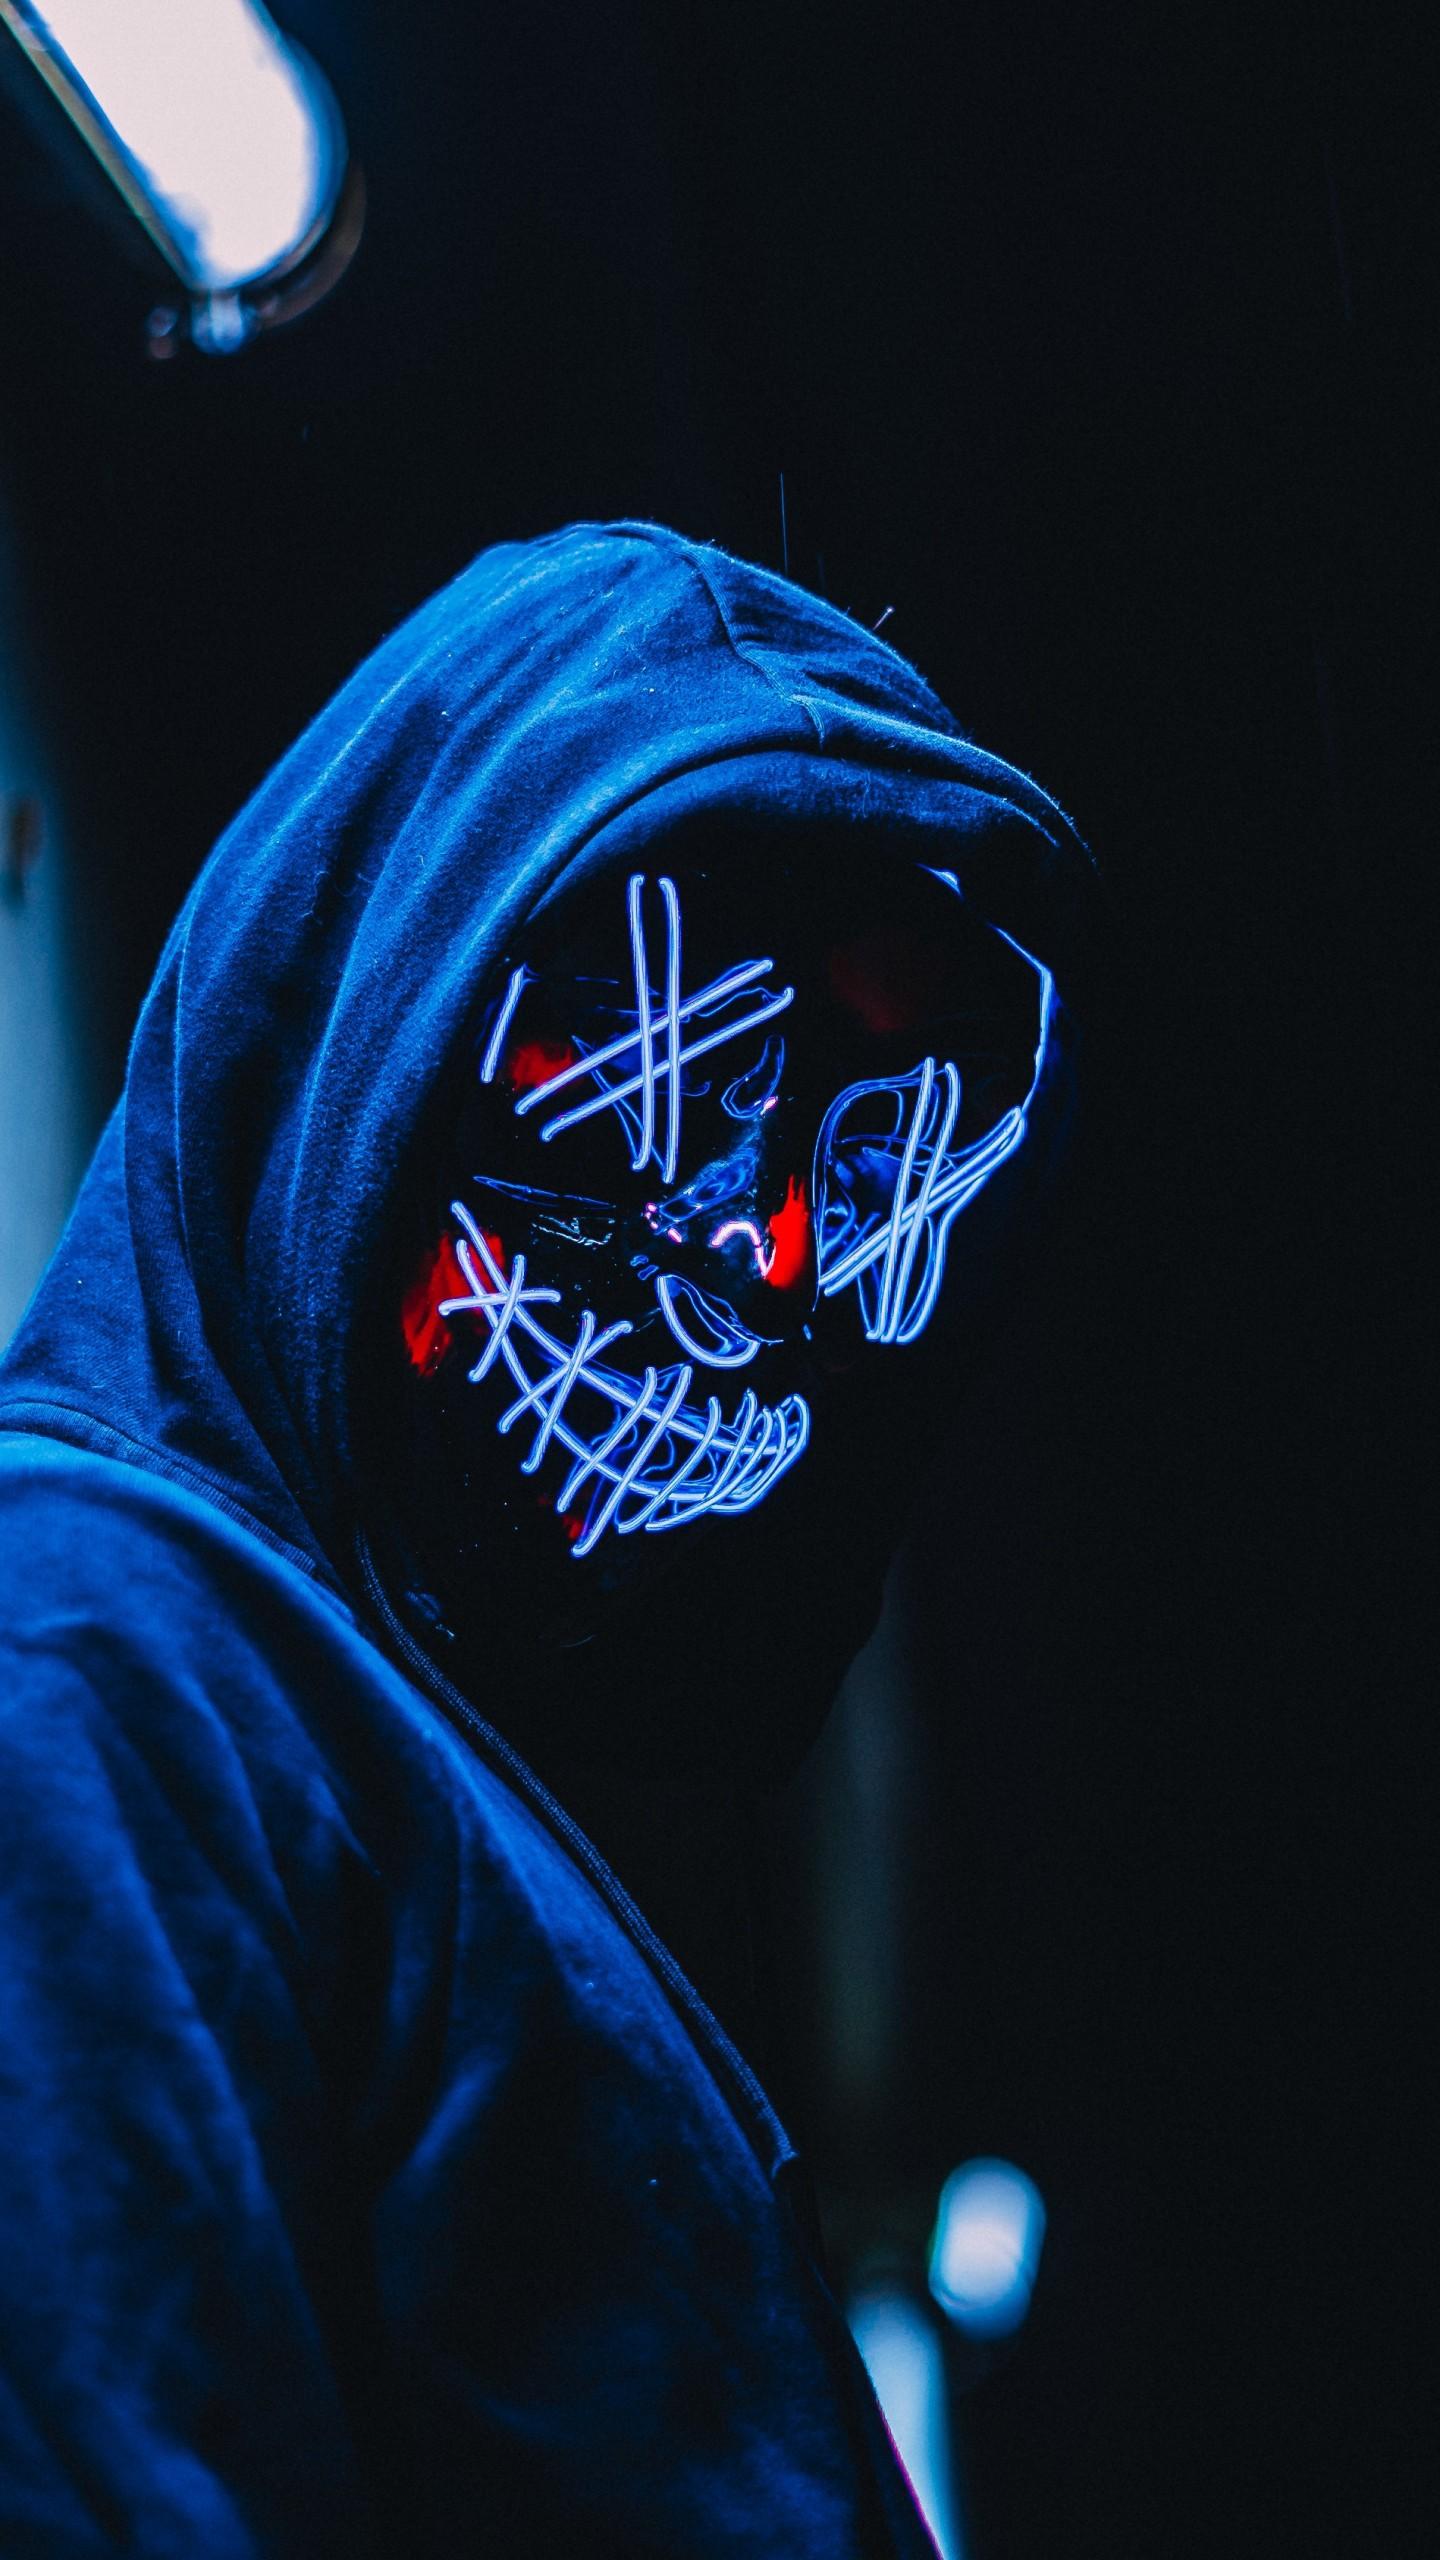 عکس زمینه پسر ماسک دار در شب پس زمینه